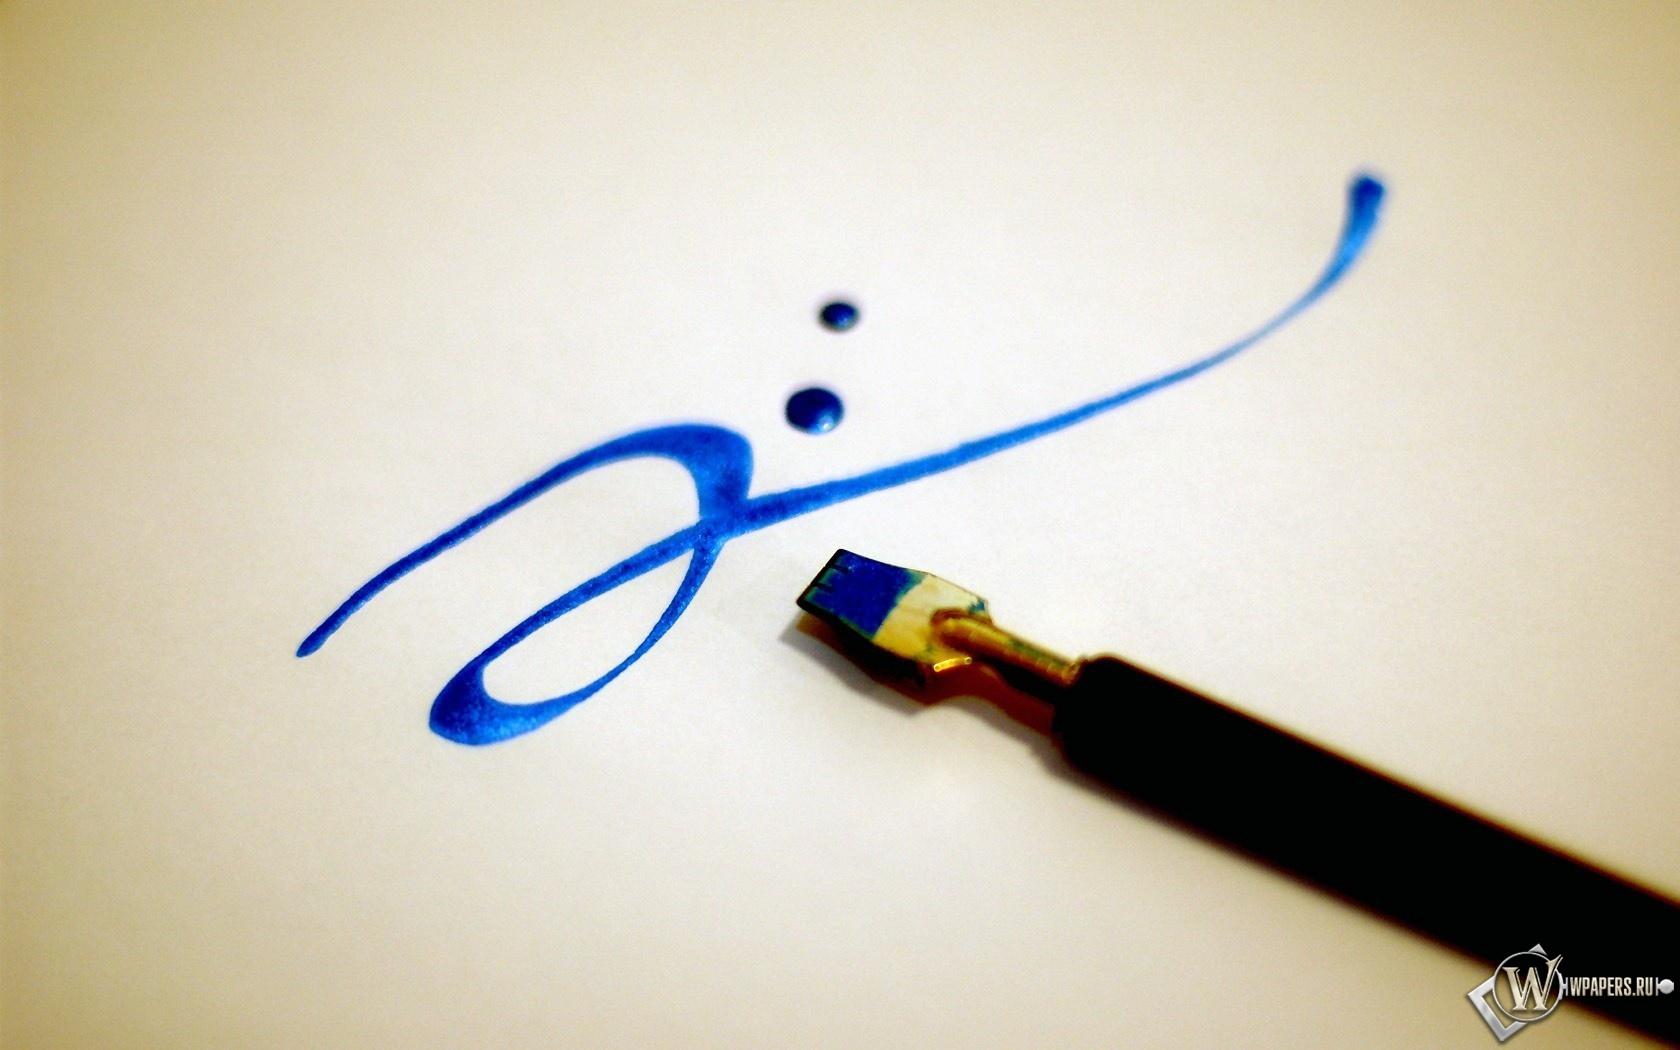 Синяя кисточка 1680x1050